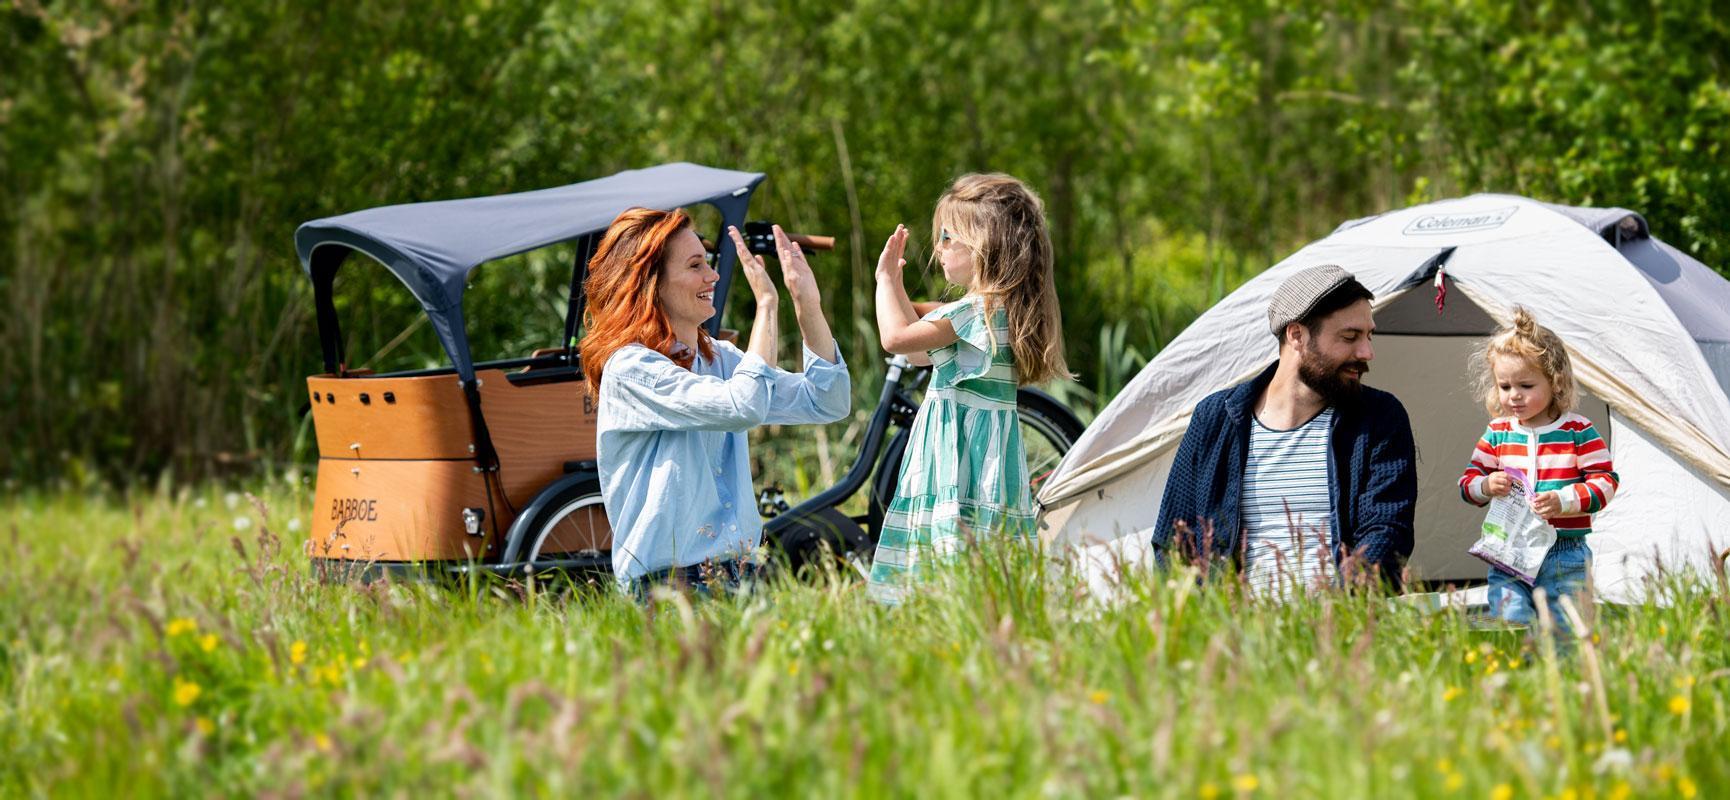 8 praktische Tipps für das Fahrrad fahren mit Kindern in der Sonne